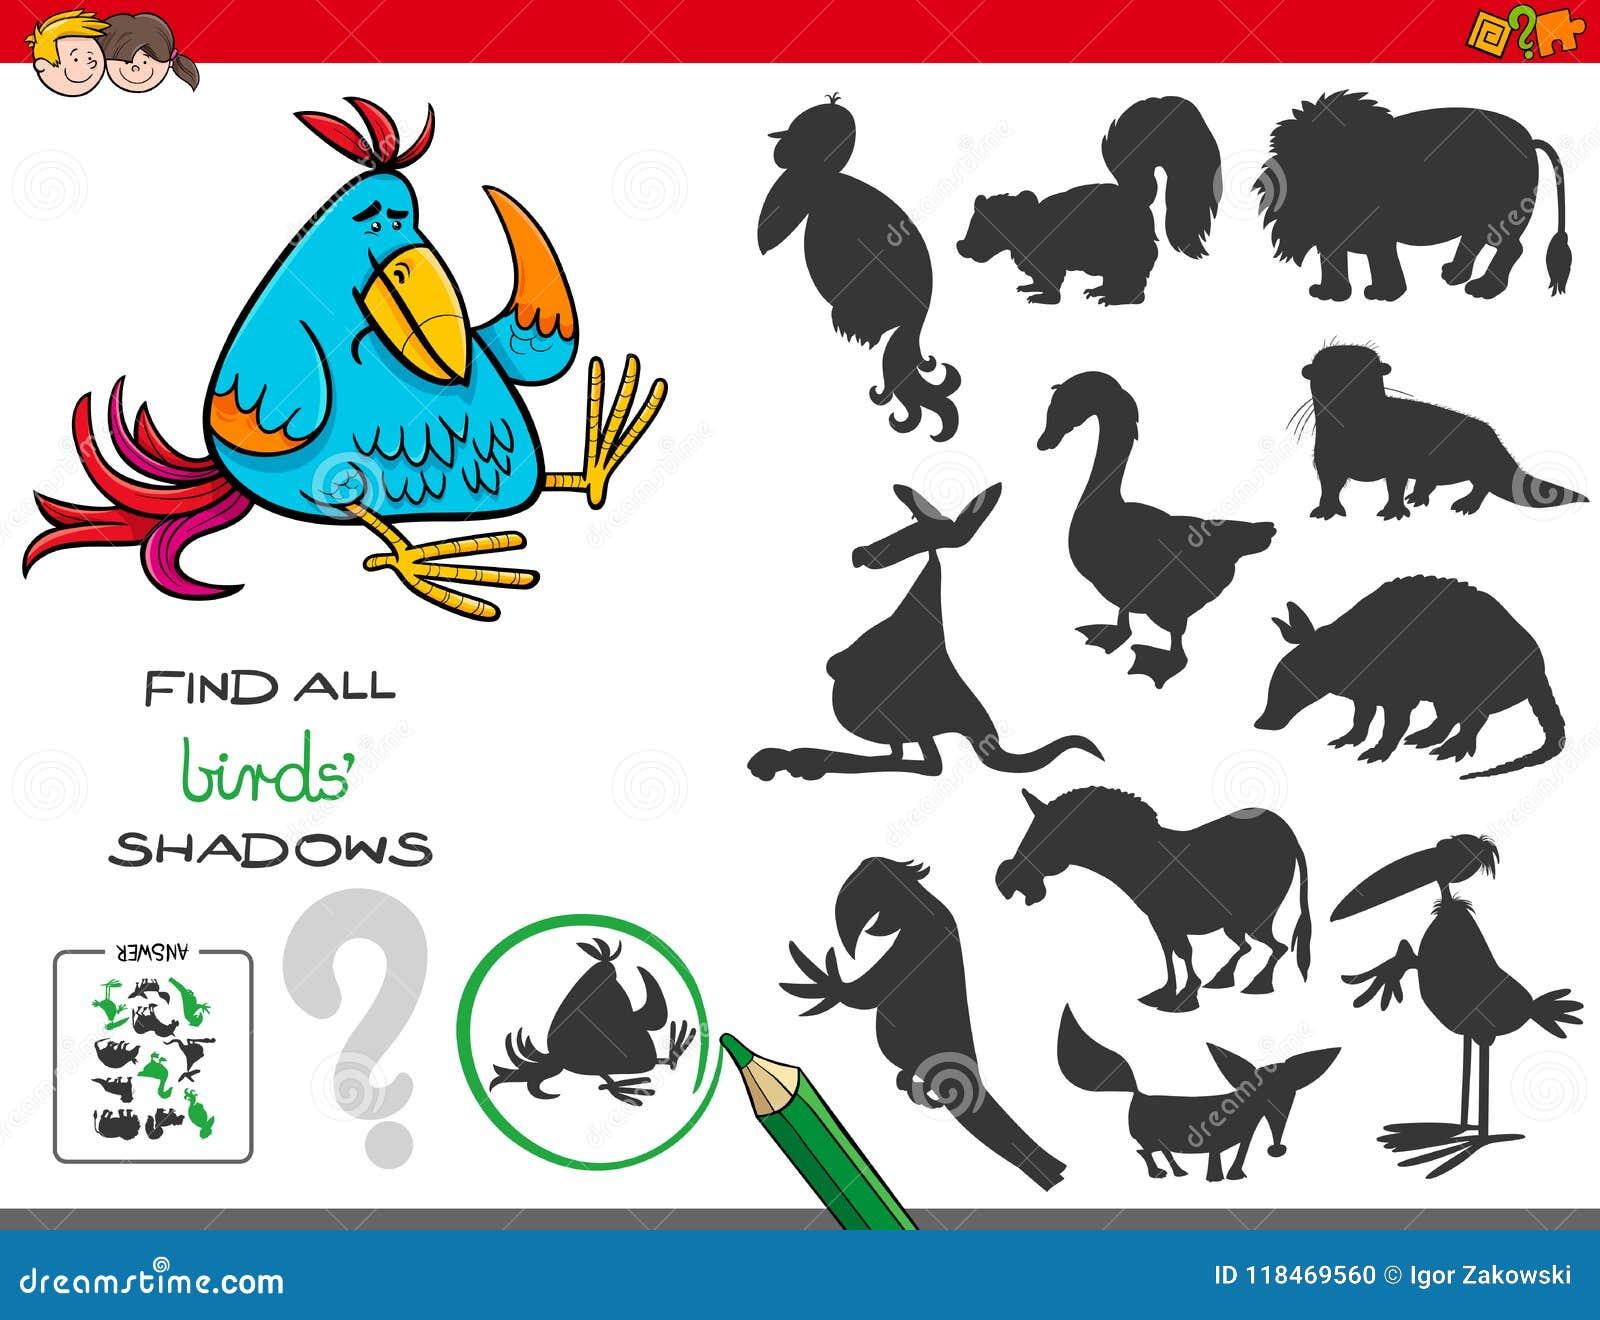 Jogo educacional das sombras com pássaros